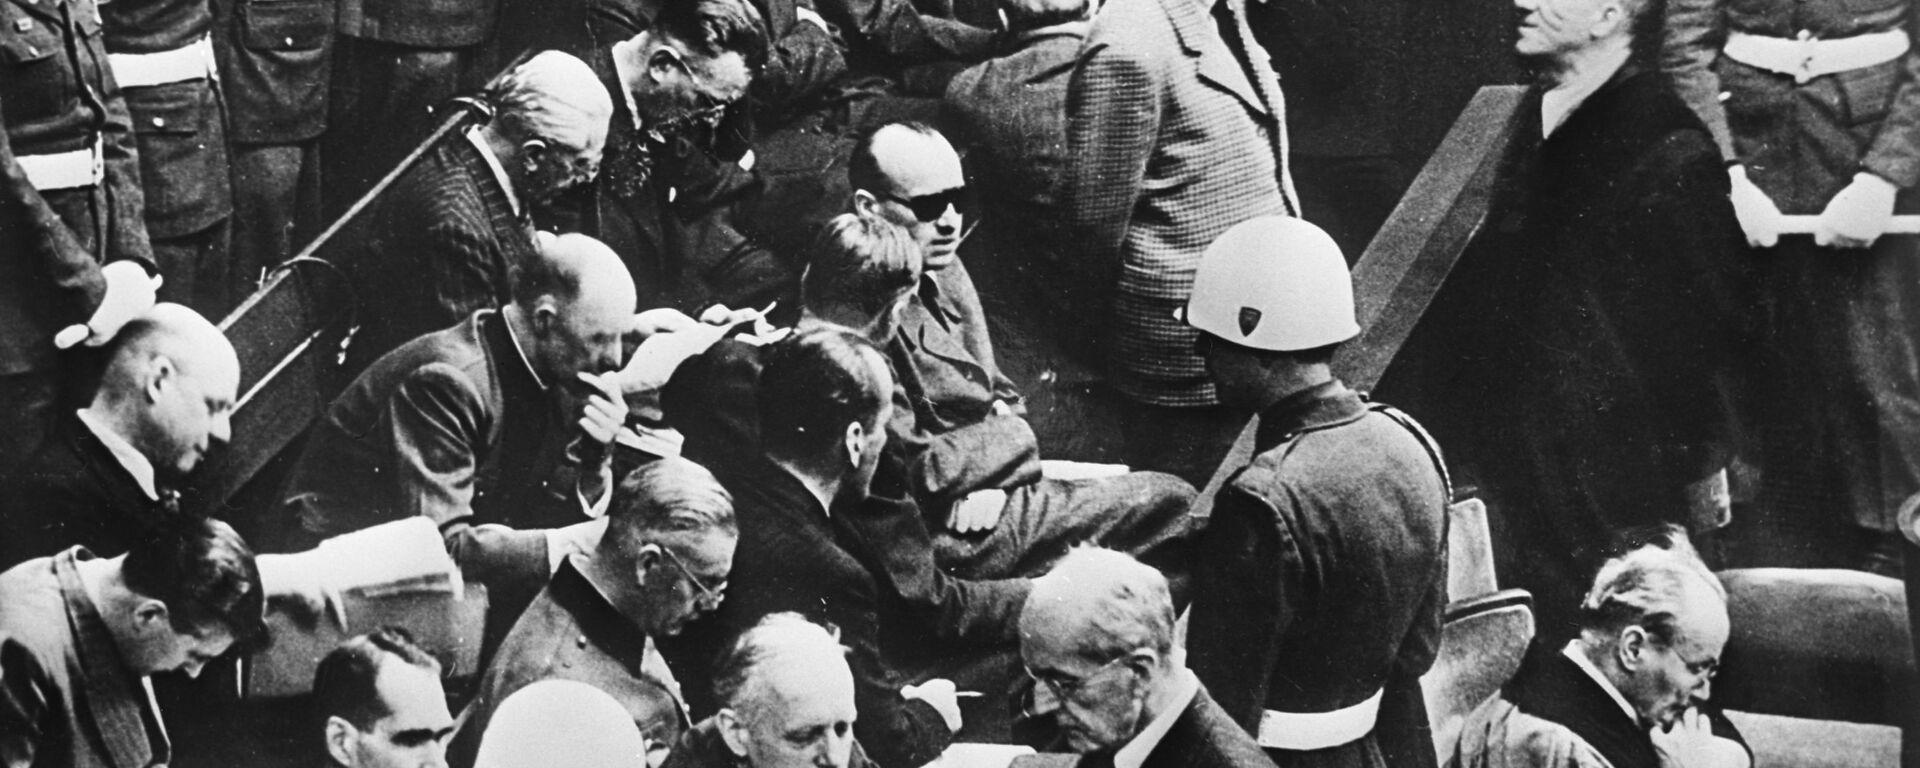 ნიურნბერგის პროცესი 1945-46 წლები - Sputnik საქართველო, 1920, 21.11.2020